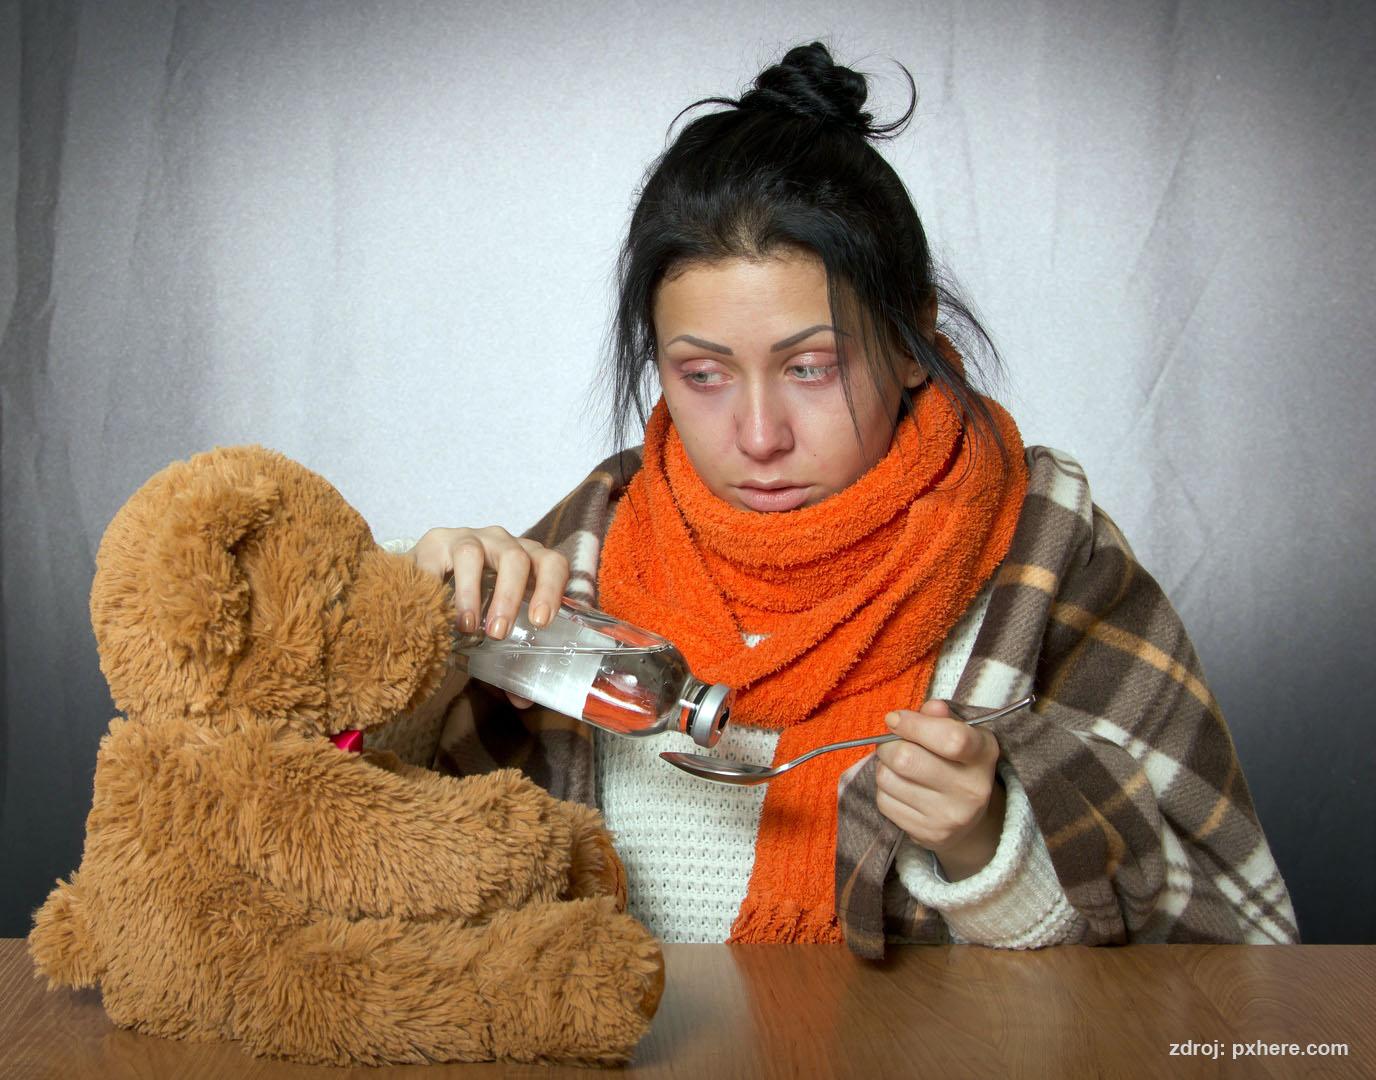 Chřipka zavírá špitály